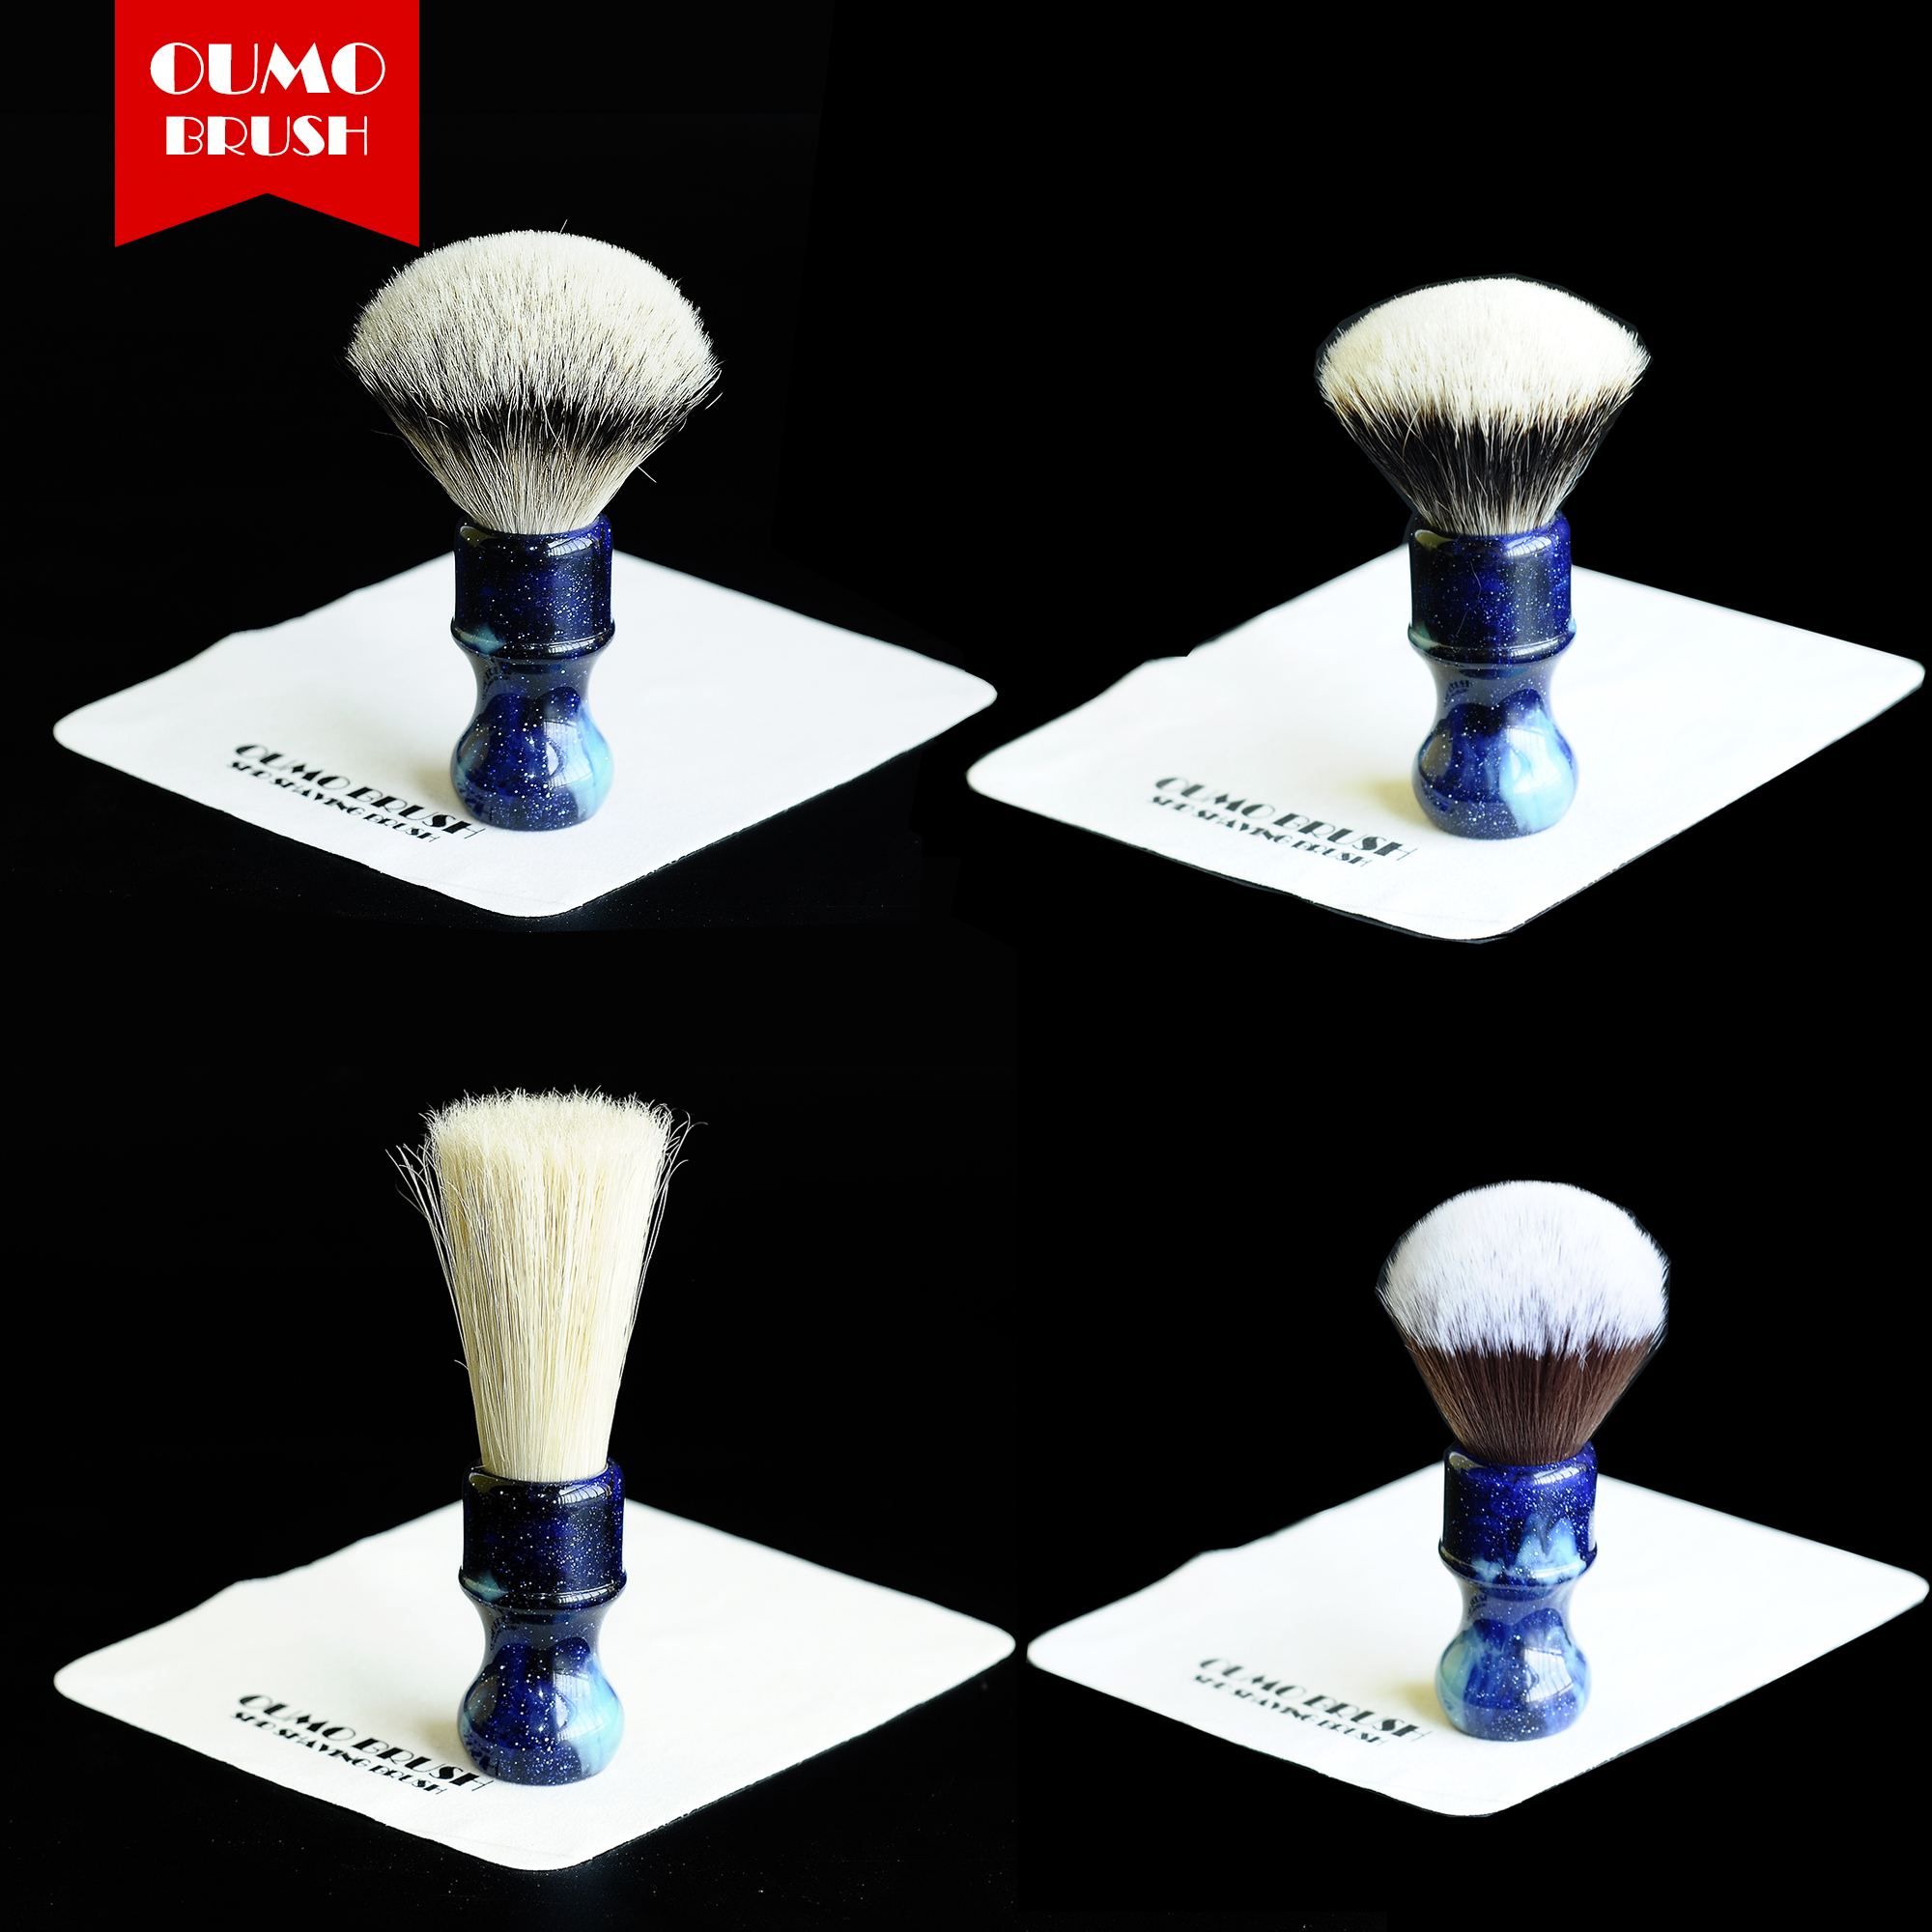 OUMO BRUSH-Star Blue Resin Handle Whit Badger Bristle Synthetic Knot Full Shaving Brushes